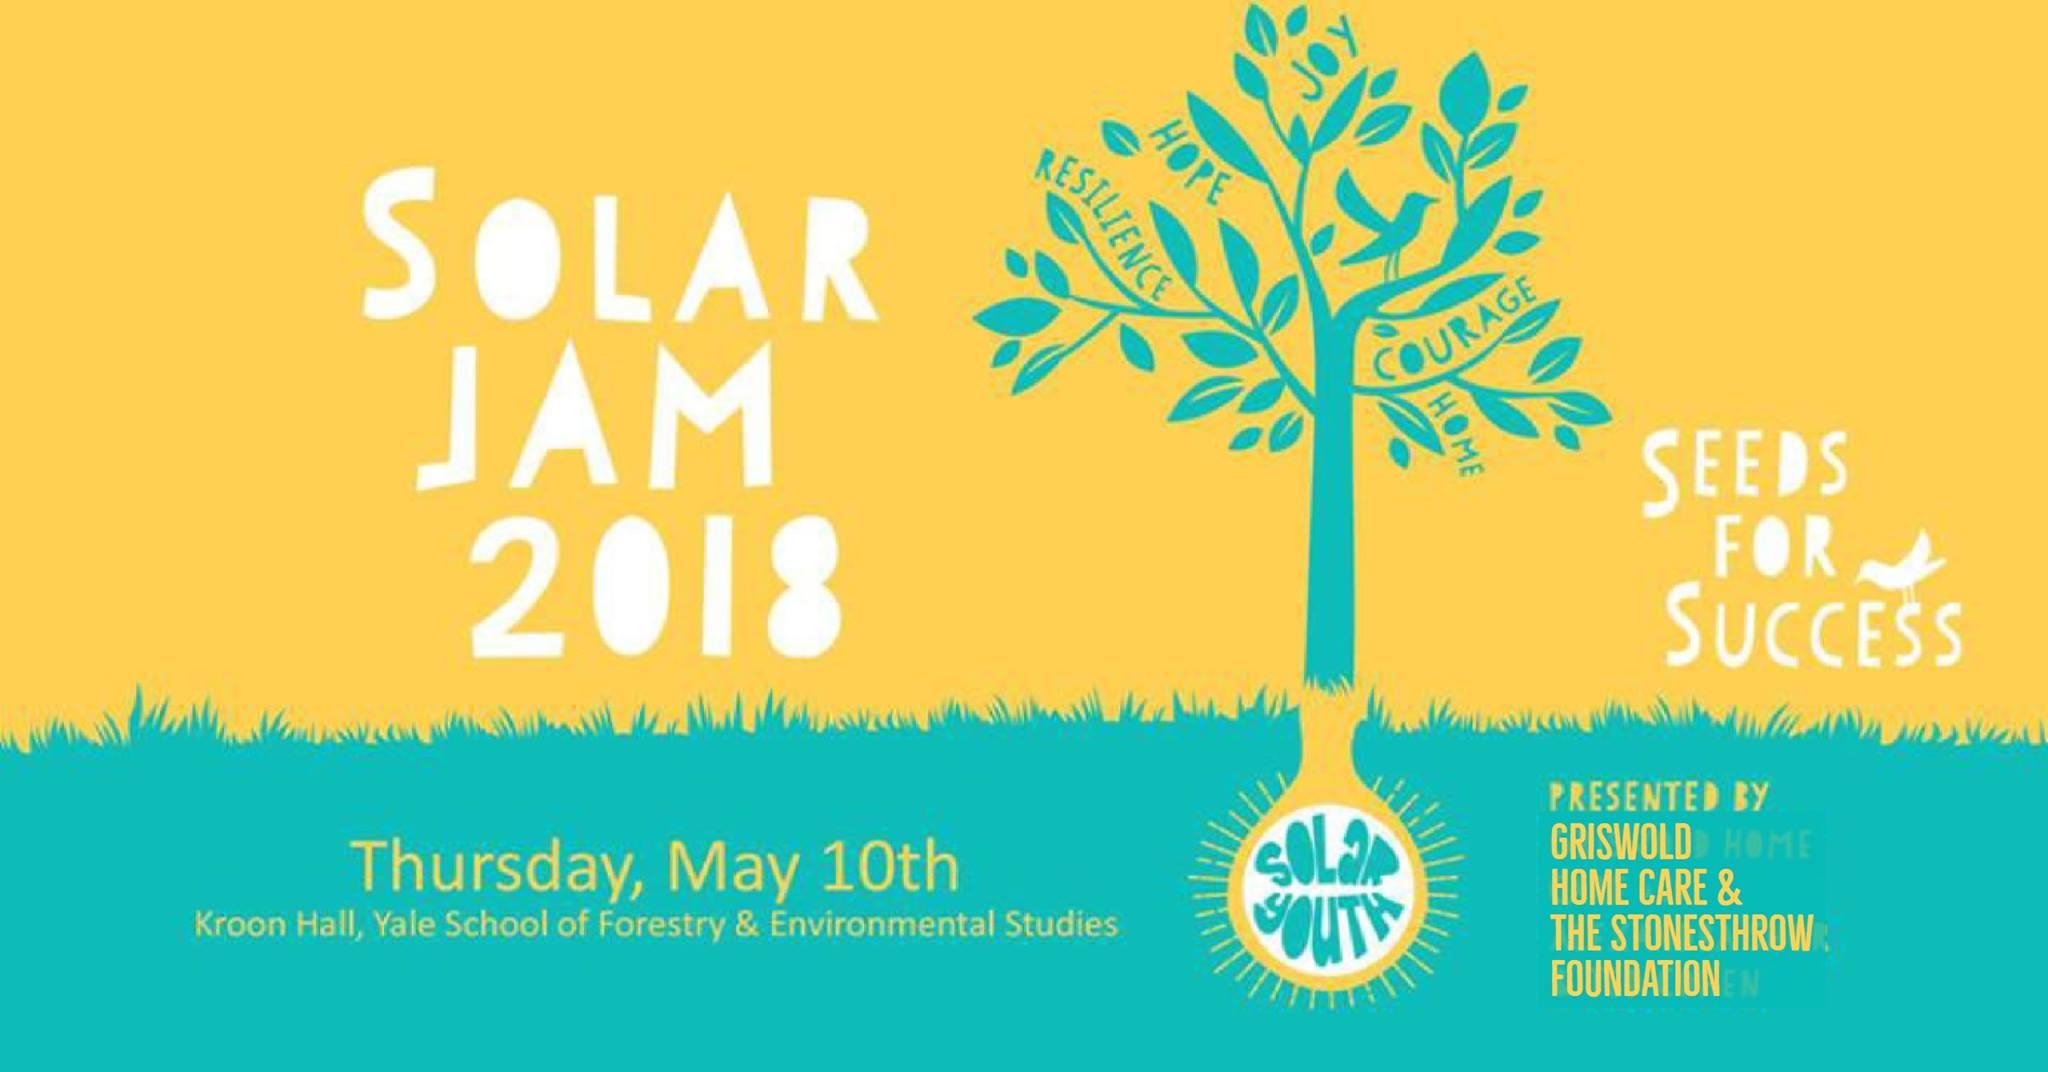 2018 Solar Jam